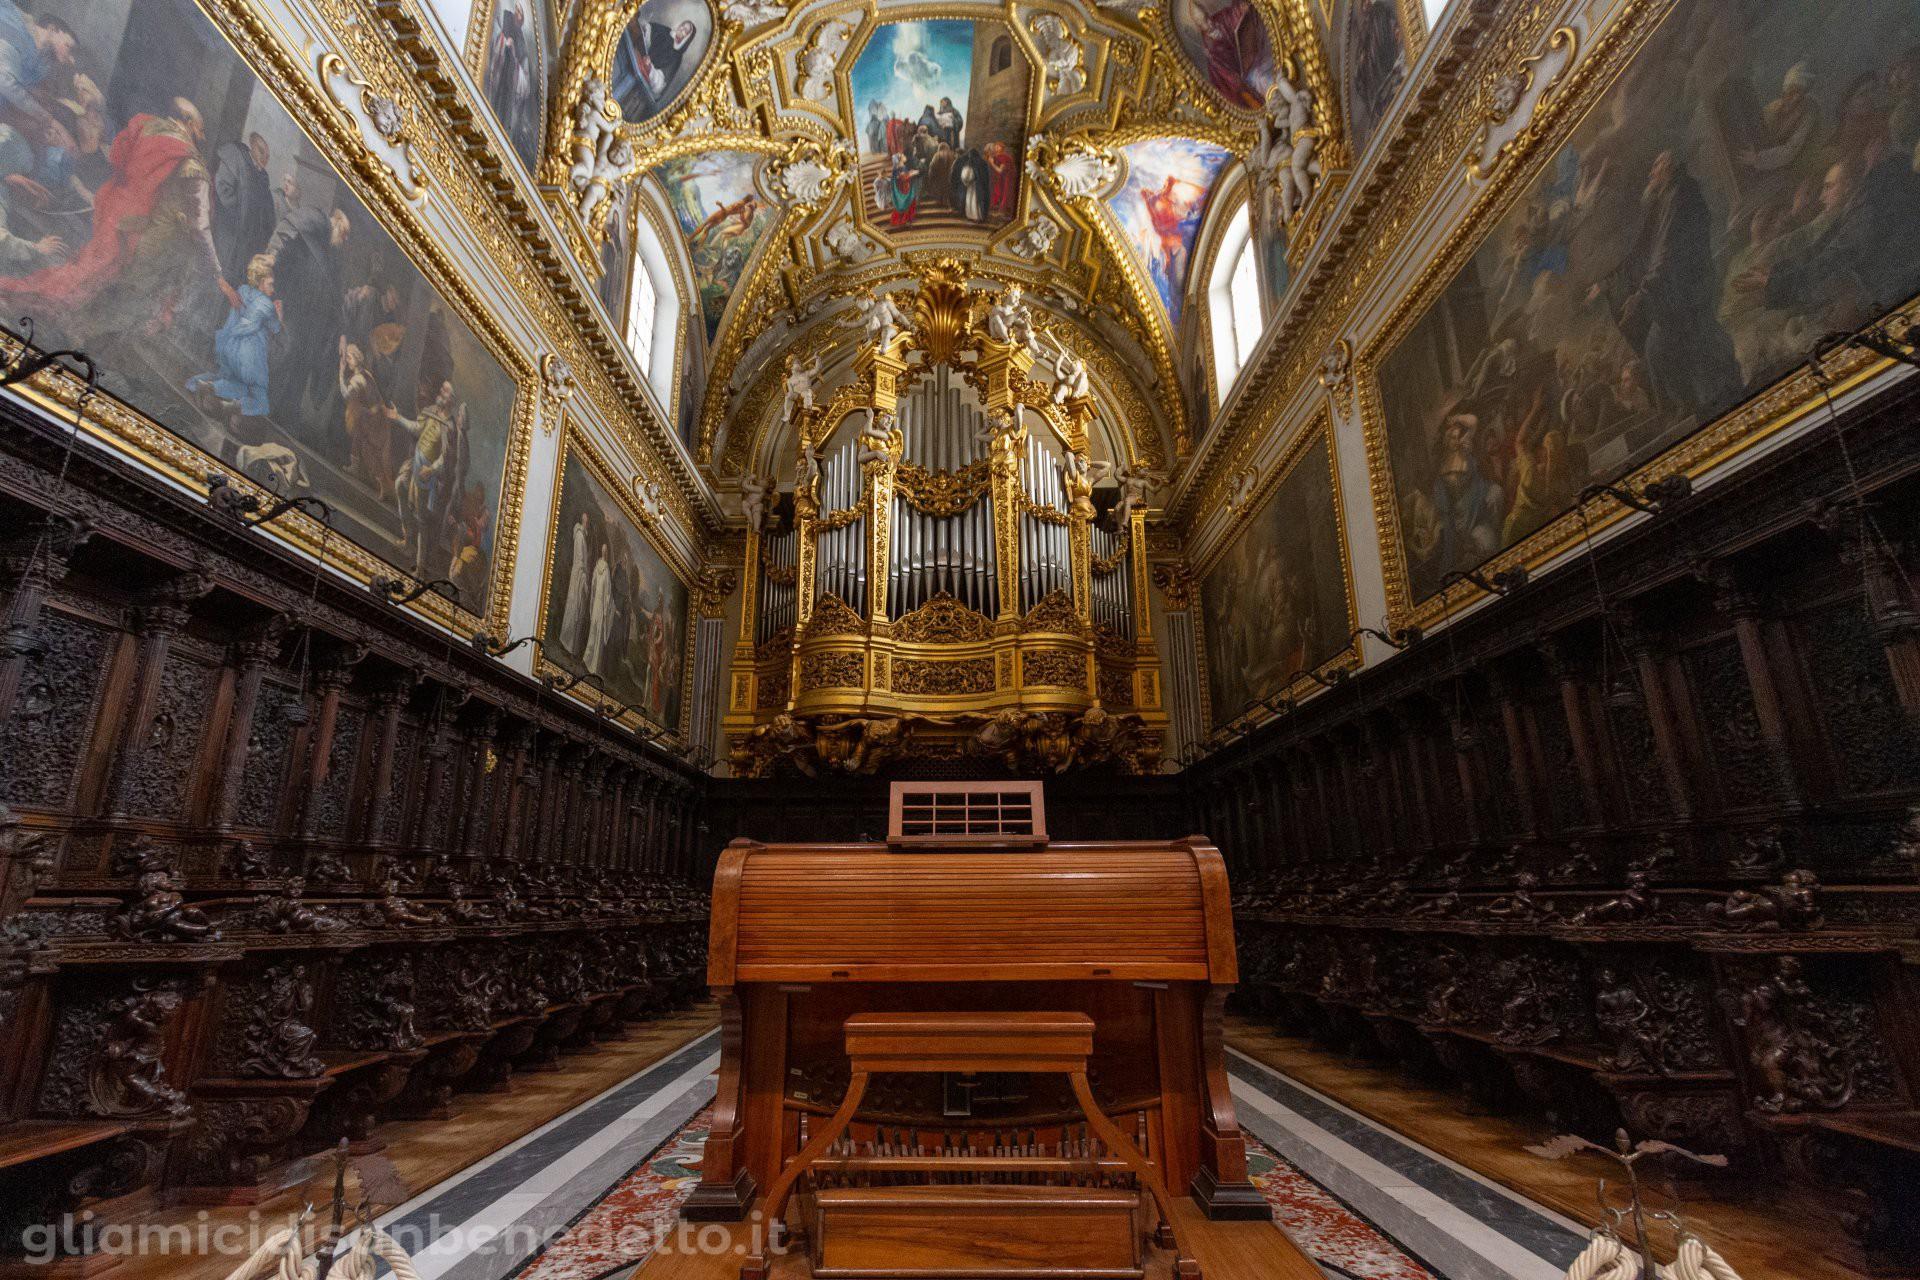 L'organo dell'Abbazia di Montecassino